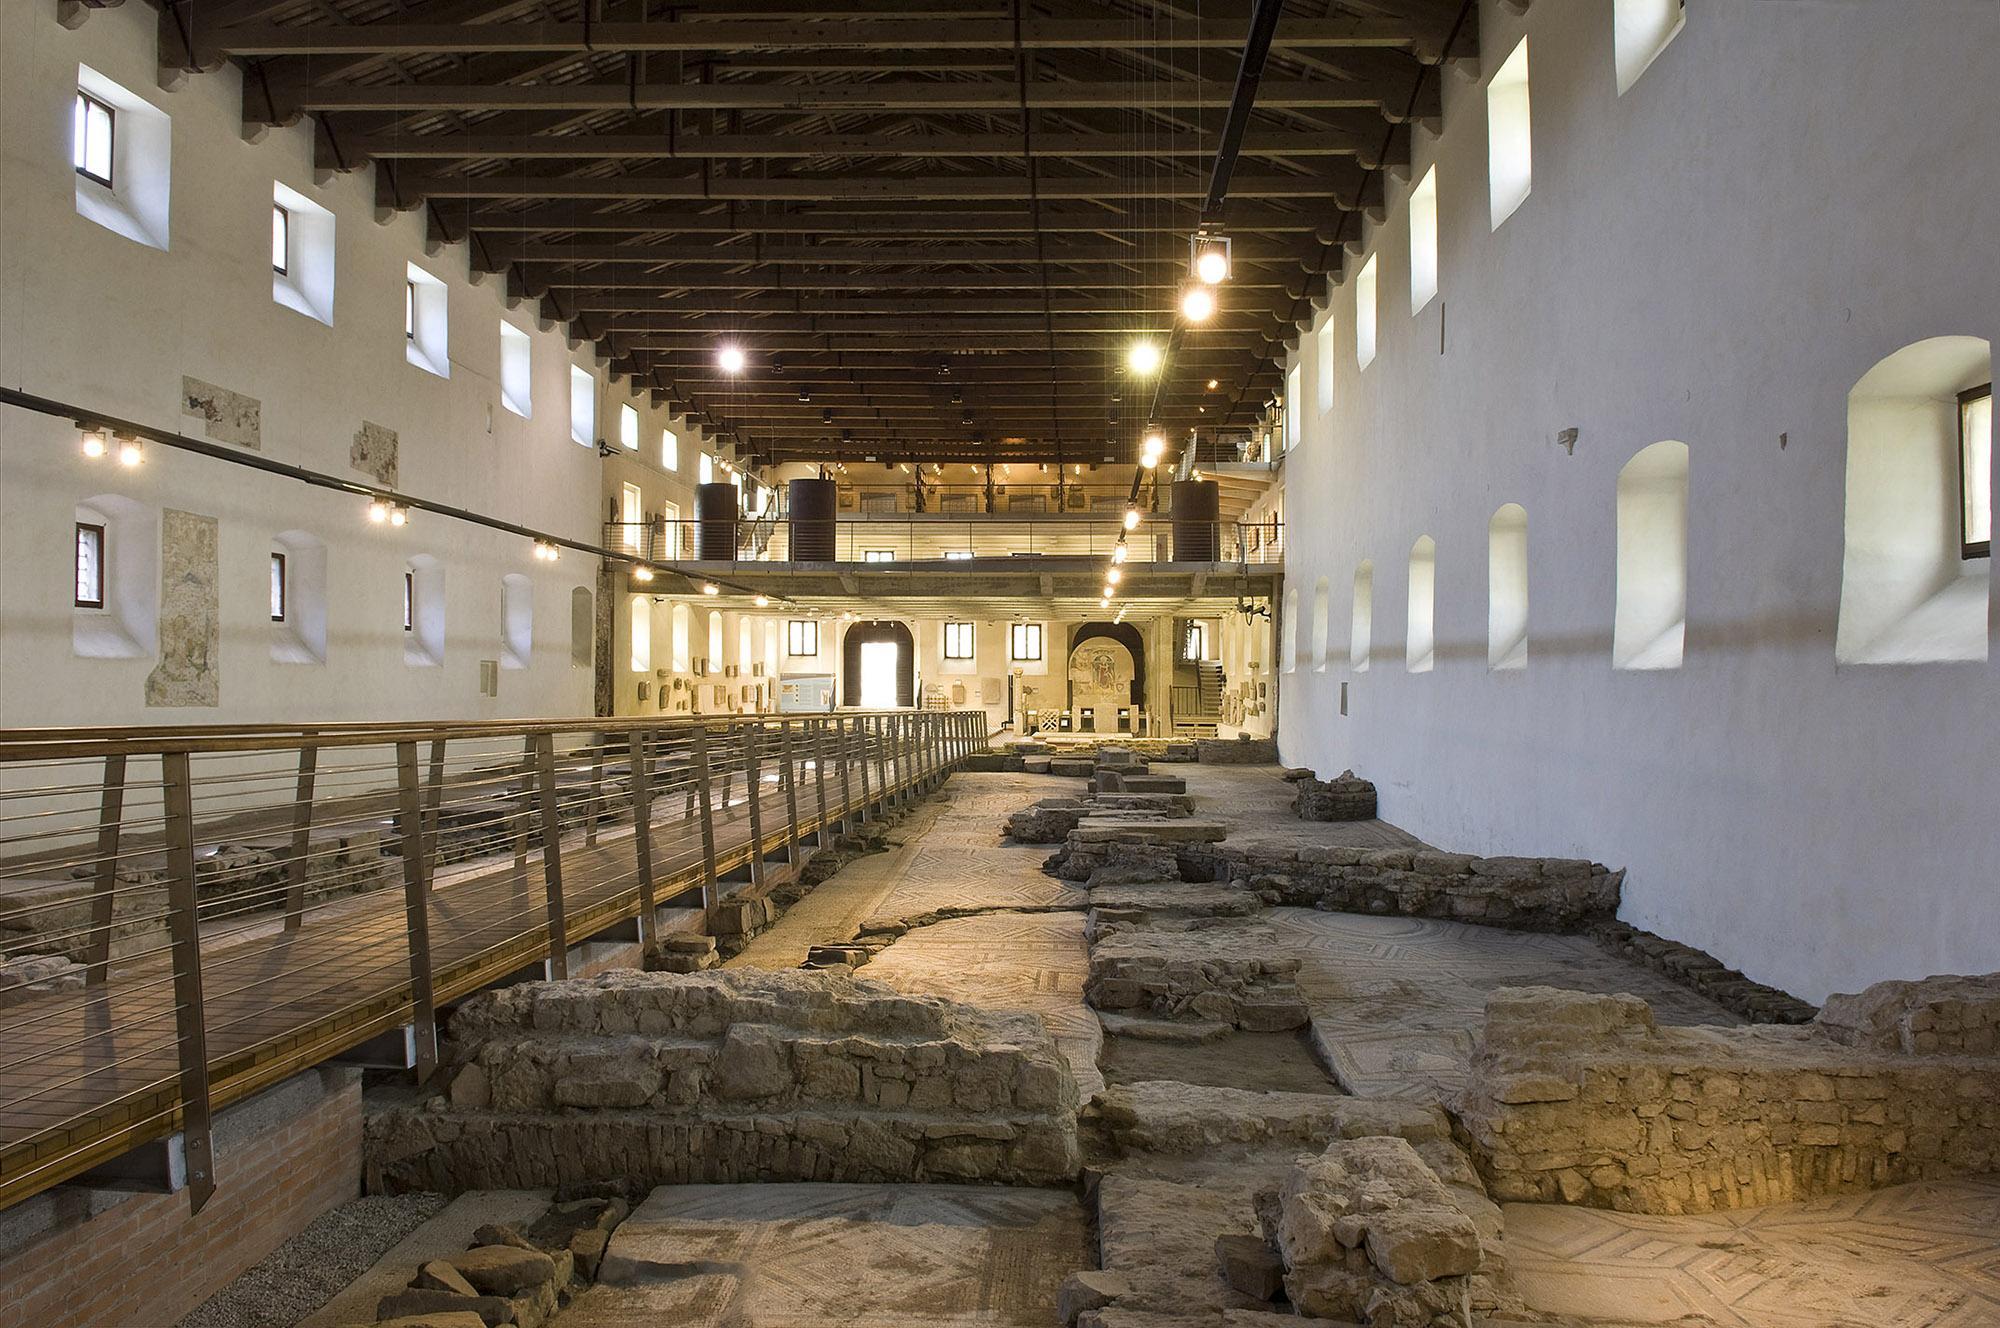 早期基督教博物馆既是一个博物馆,又是一个古迹区,您可以在此欣赏早期基督教教堂的遗迹——现代化的博物馆就建在这个遗迹之上。– © Gianluca Baronchelli